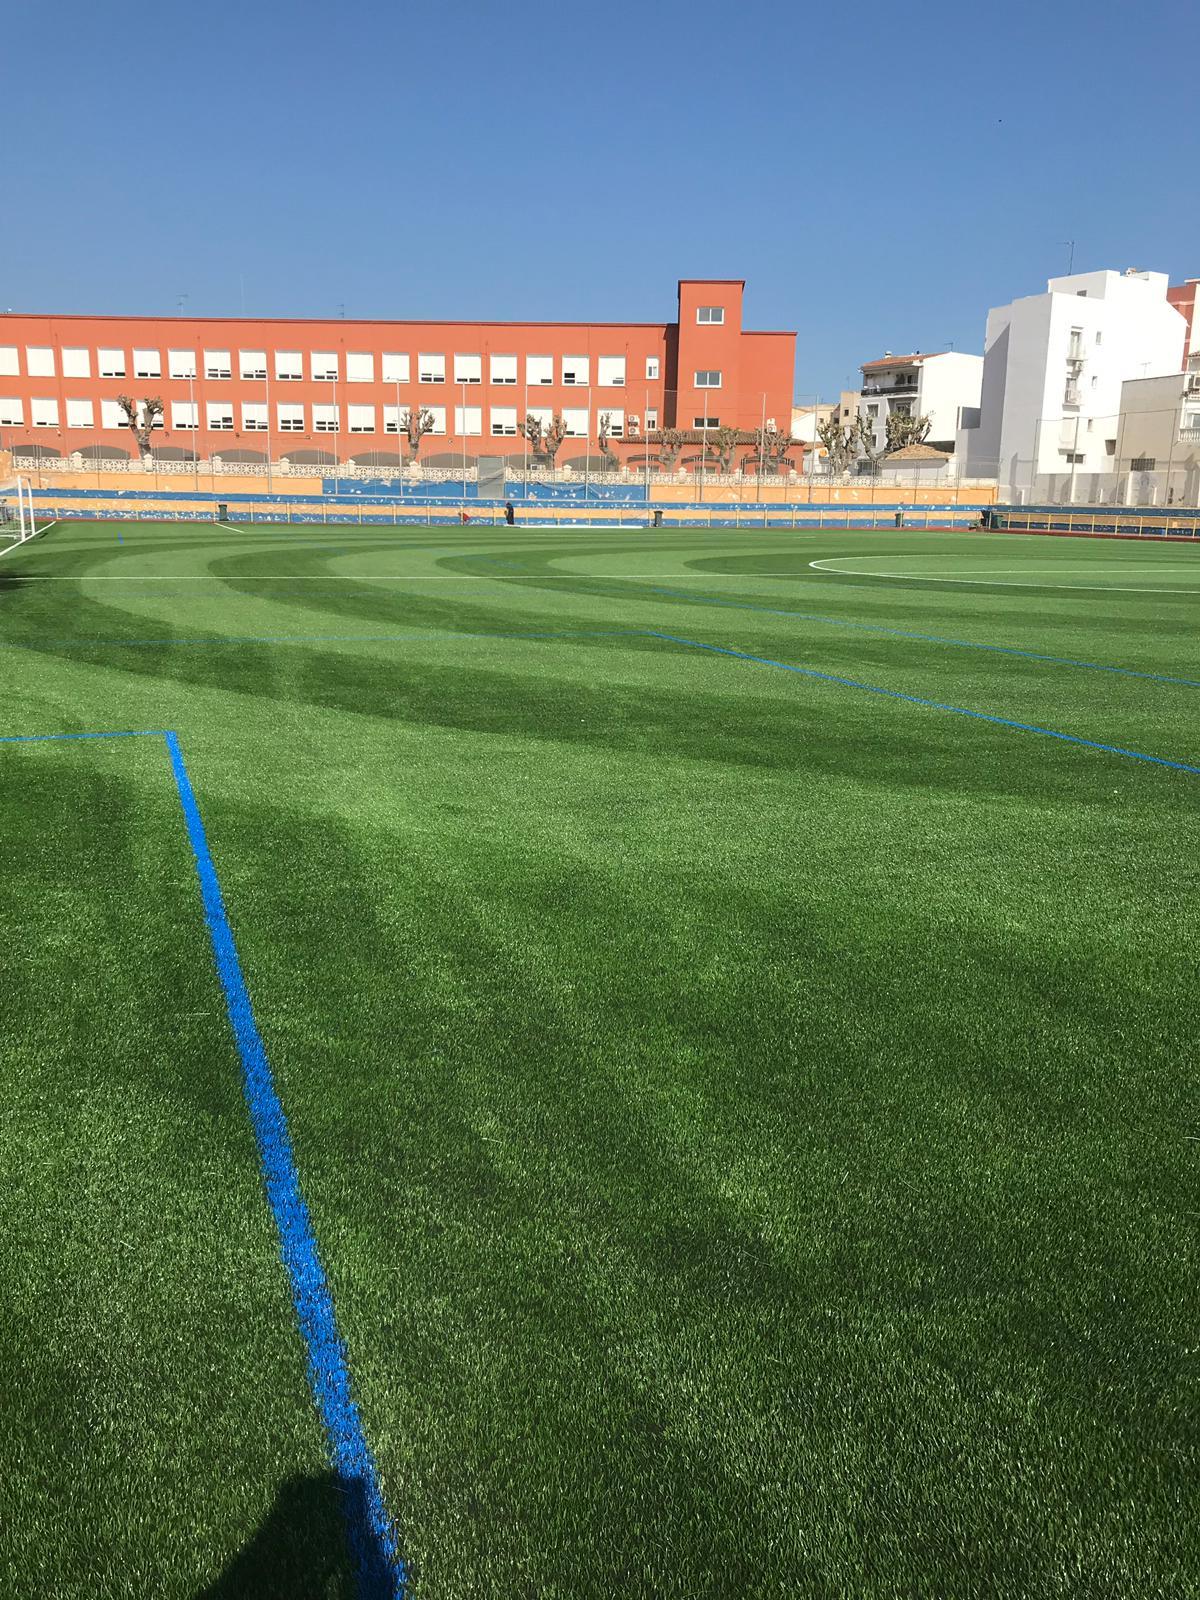 Campo de Fútbol El Rodat de Denia (Alicante) Image